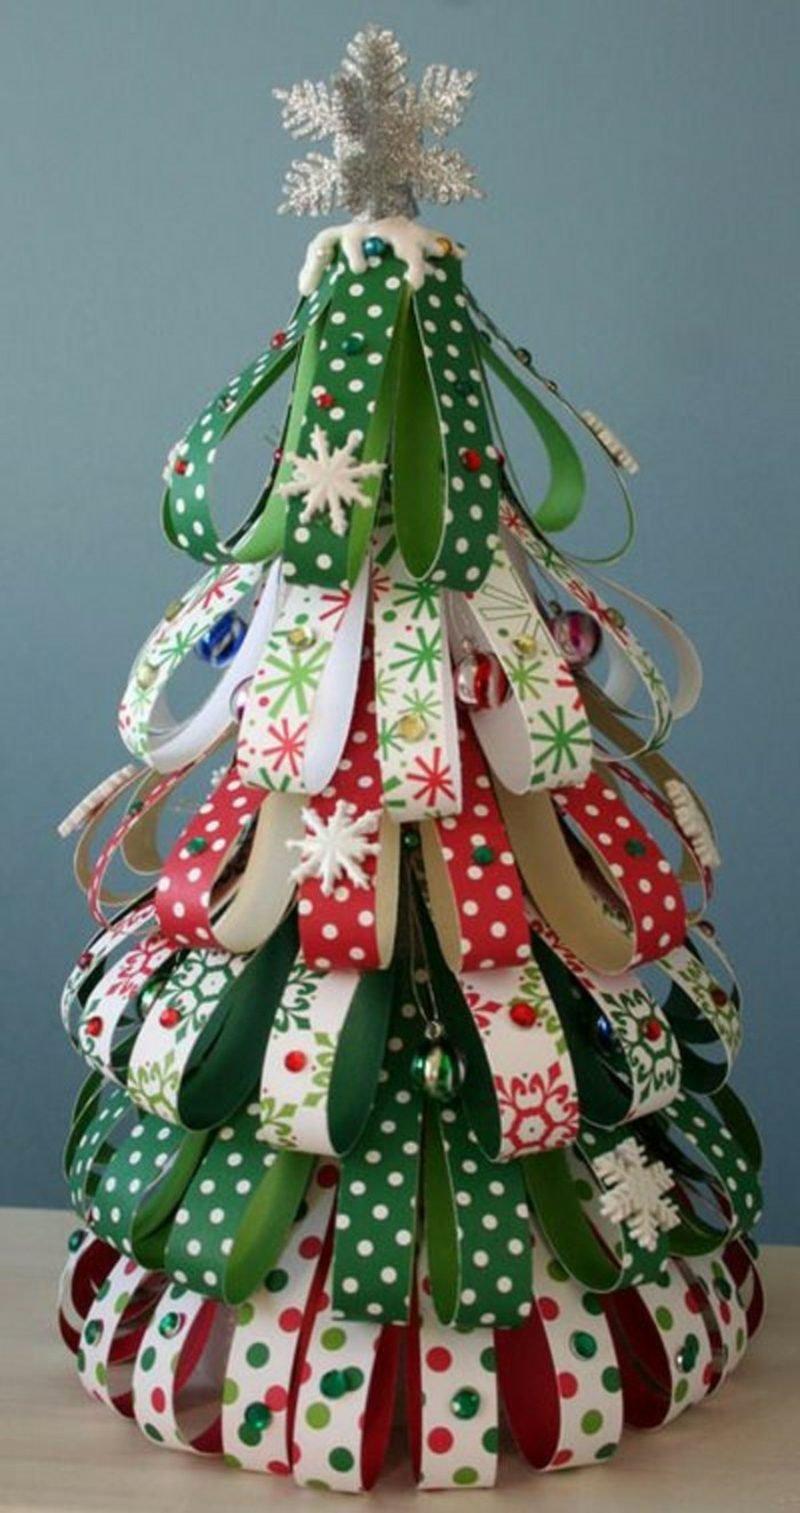 Basteln mit Klopapierrollen Weihnachten Weihnachtsbaum selber machen